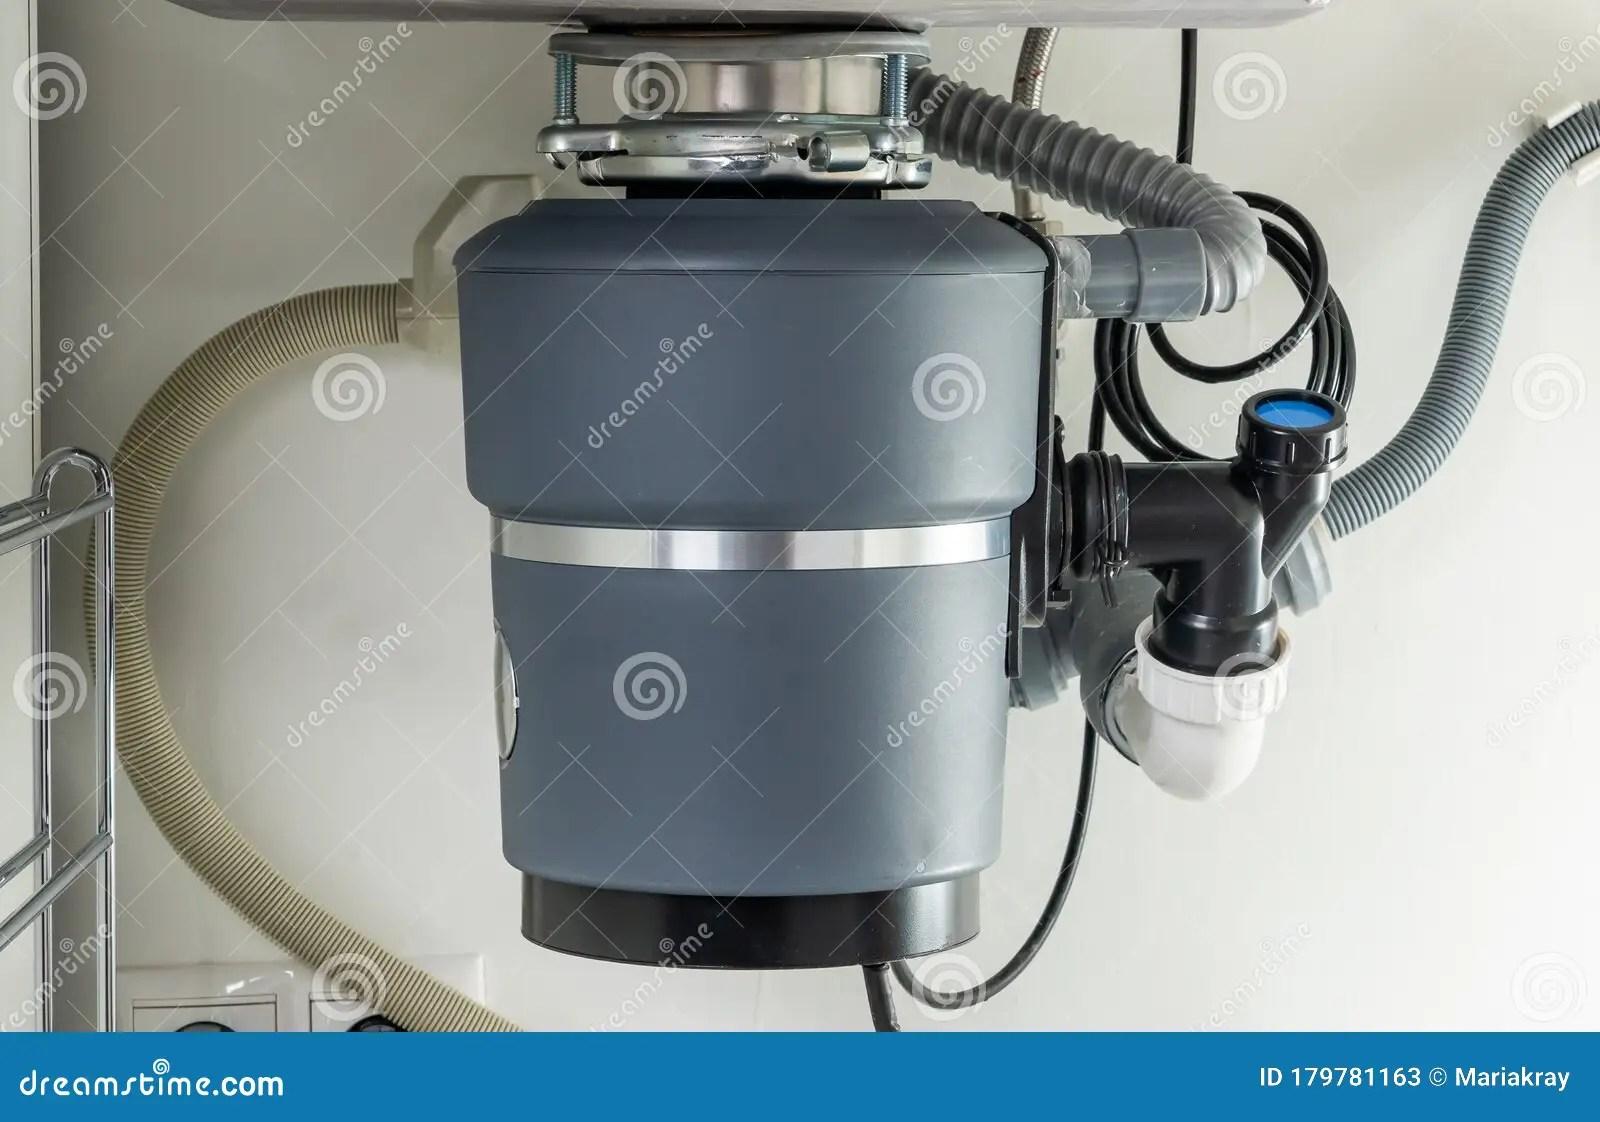 garbage disposal under the modern sink waste chopper concept stock image image of detached grinder 179781163